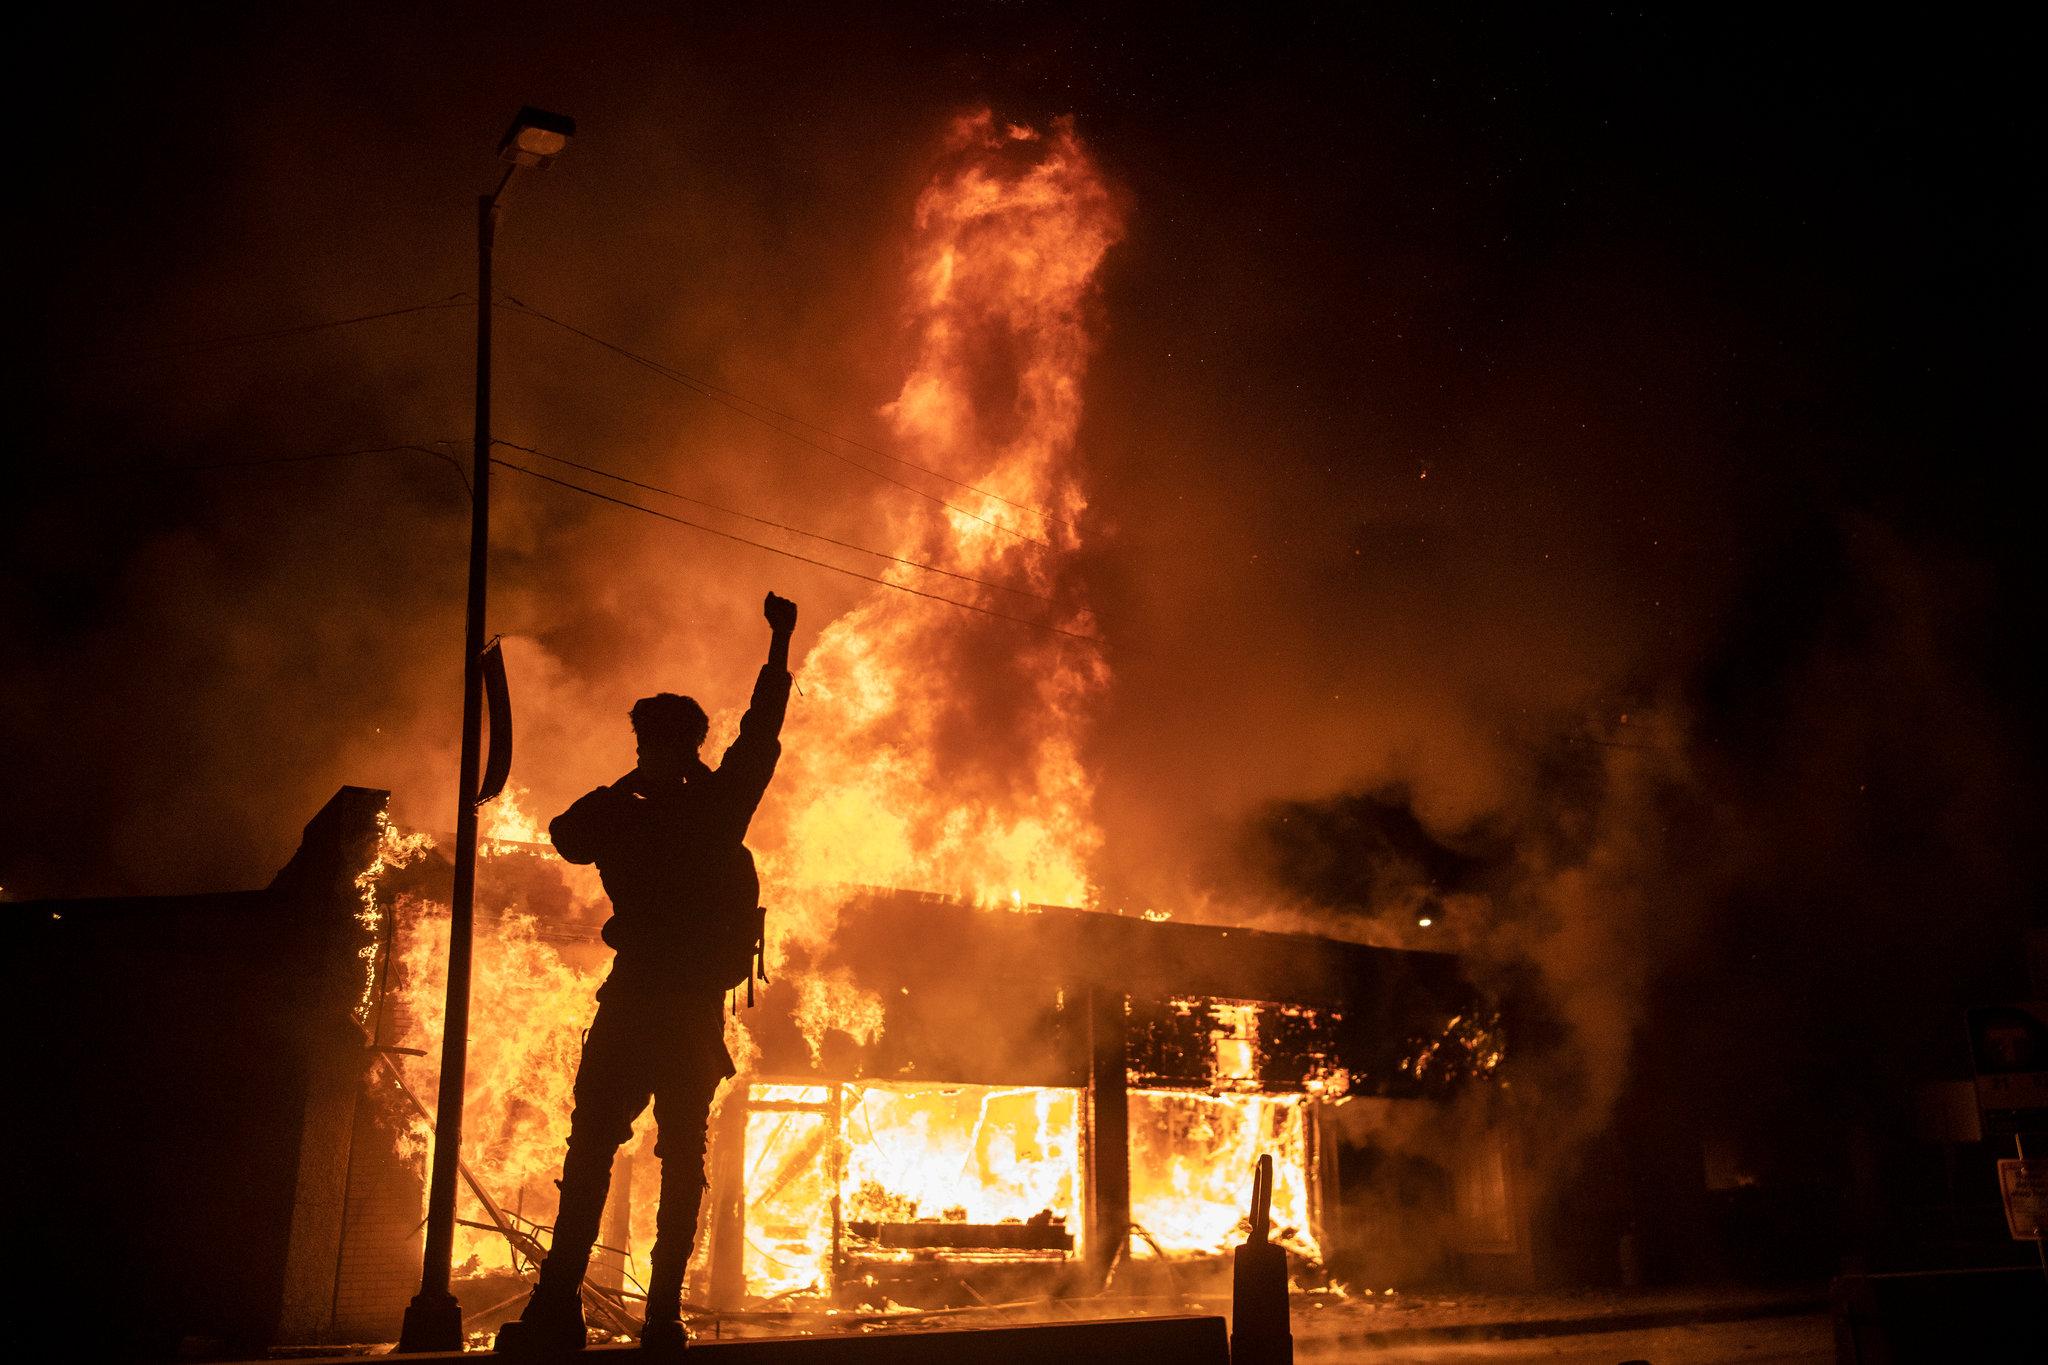 خشم مردم آمریکا از رفتار نژادپرستانه پلیس/ ادامه تظاهرات در شهرها و ایالتهای مختلف